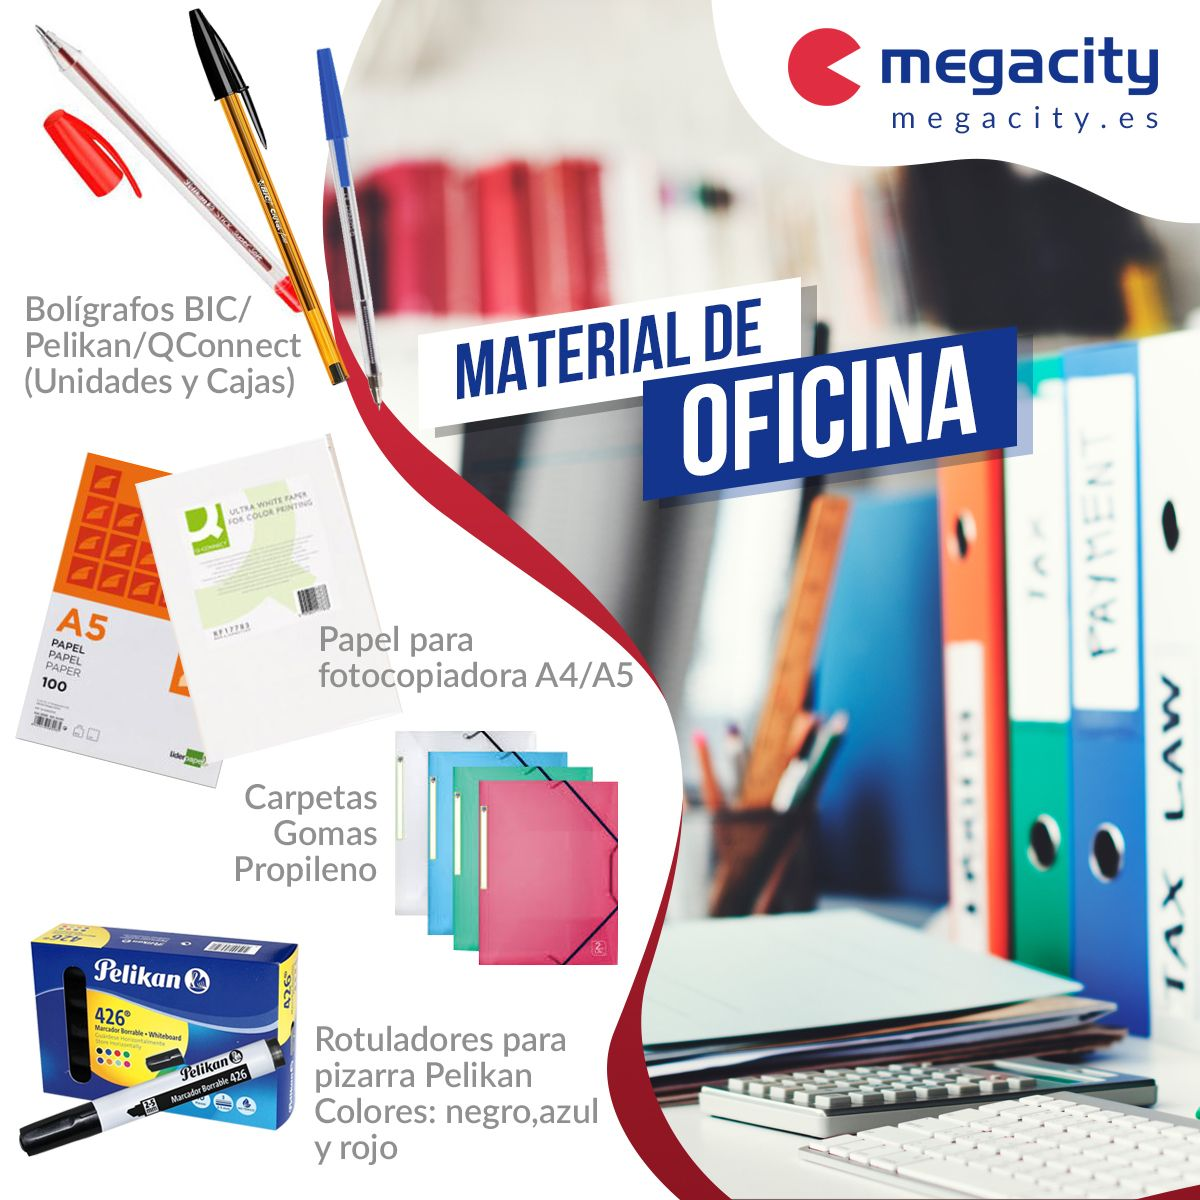 Megacity amplía su catálogo superando las 18000 referencias en material de oficina